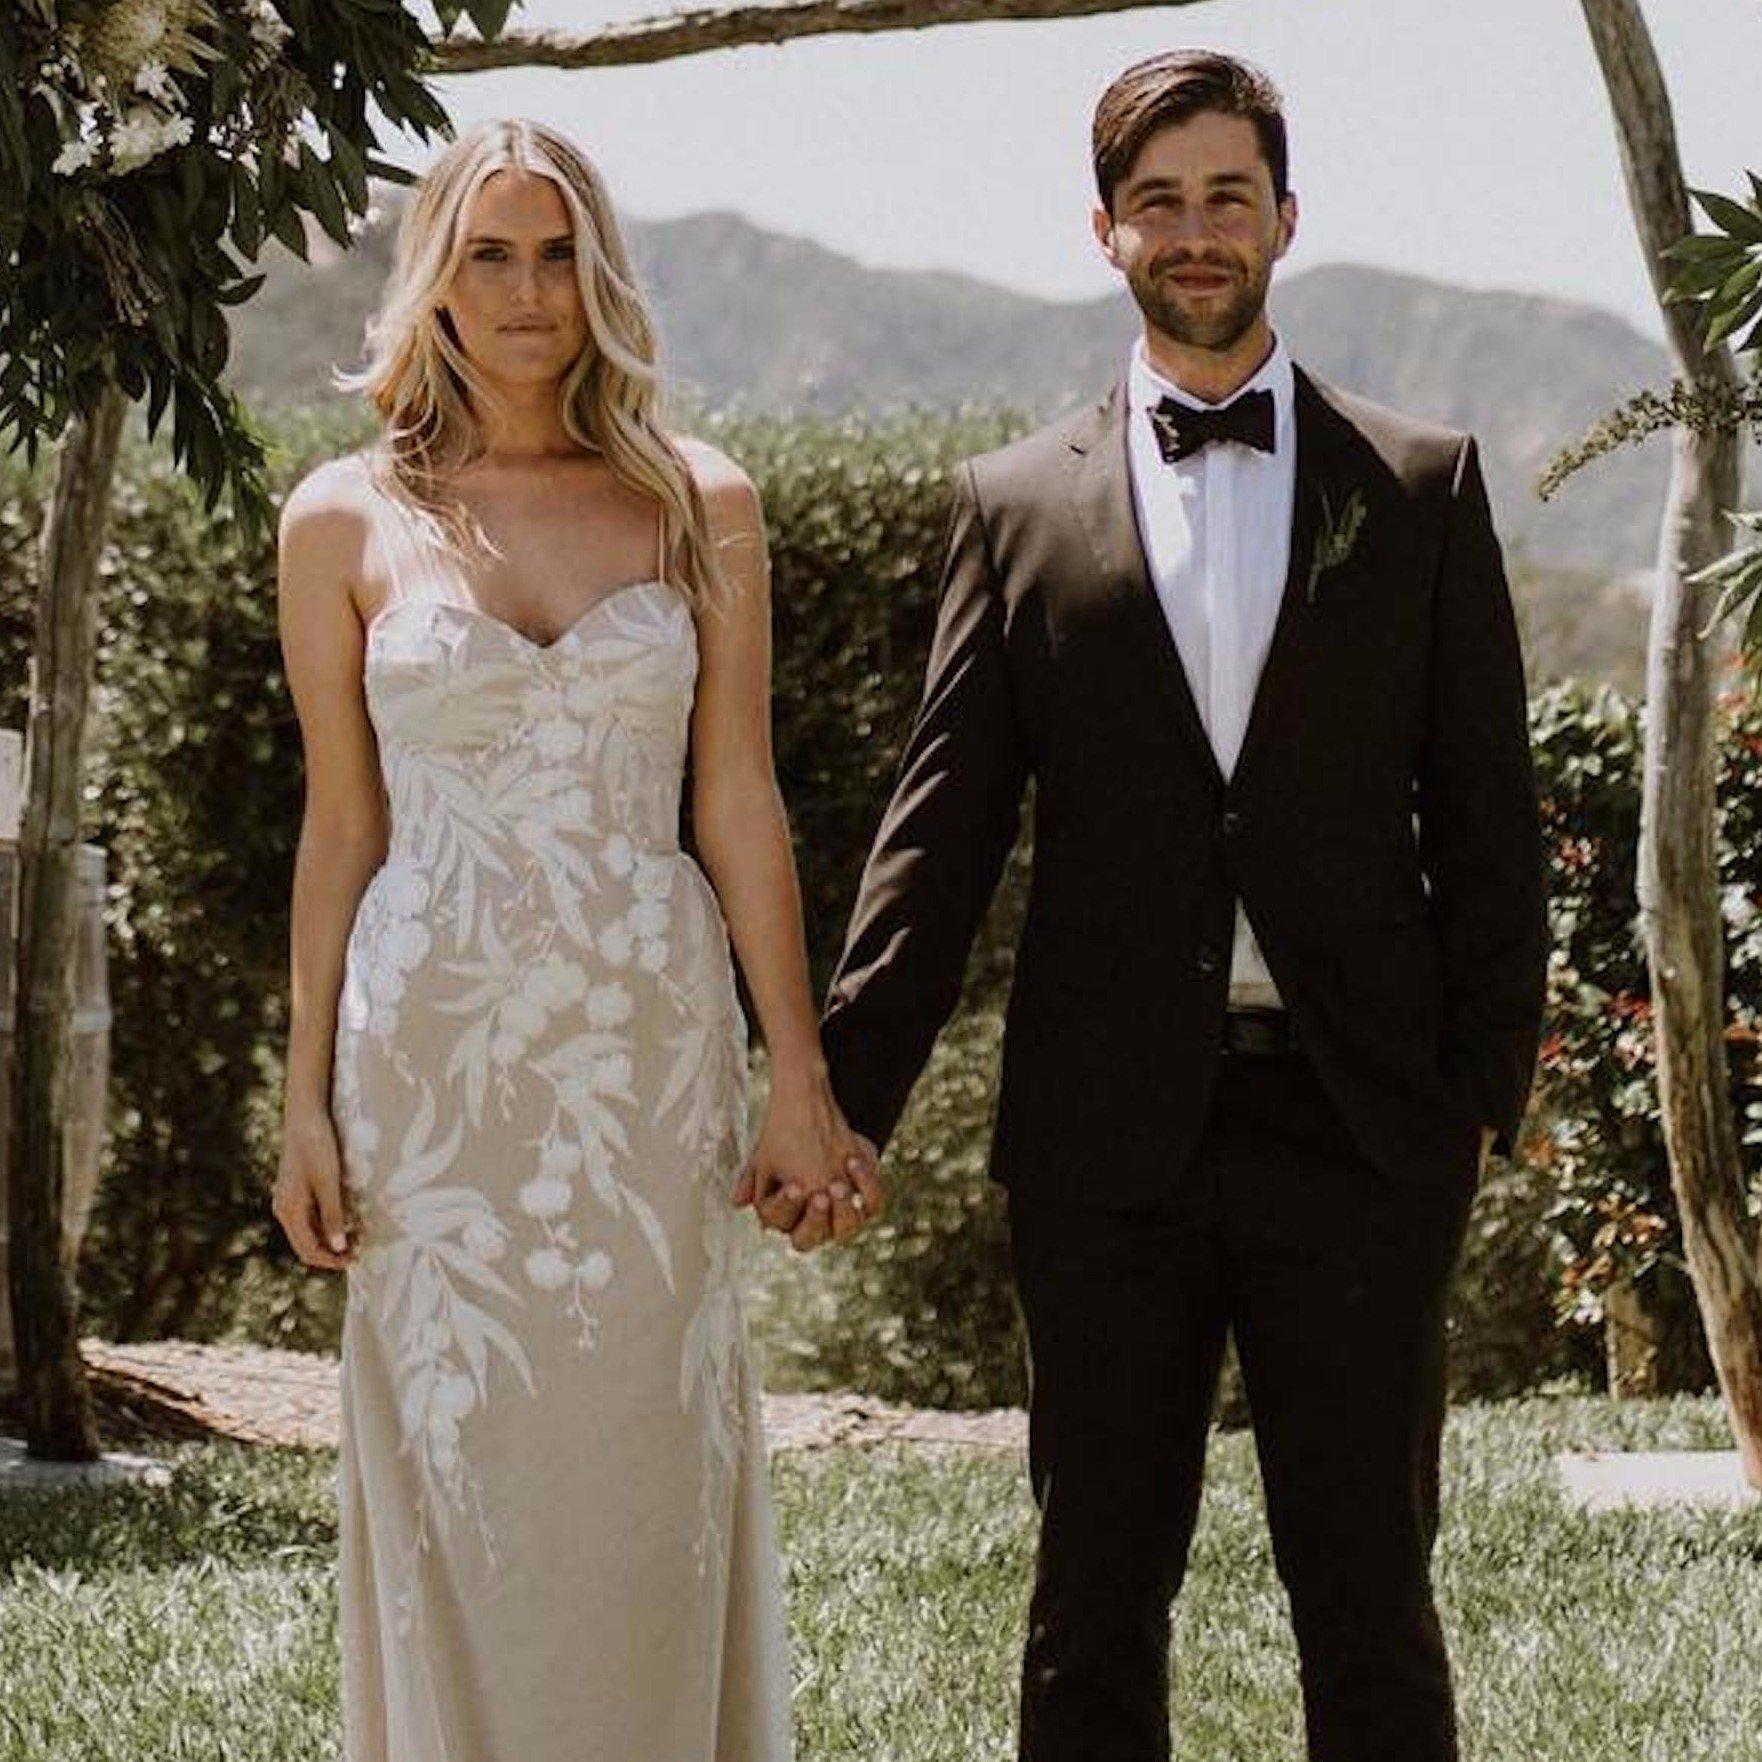 Josh Peck's wife, Paige O' Brien